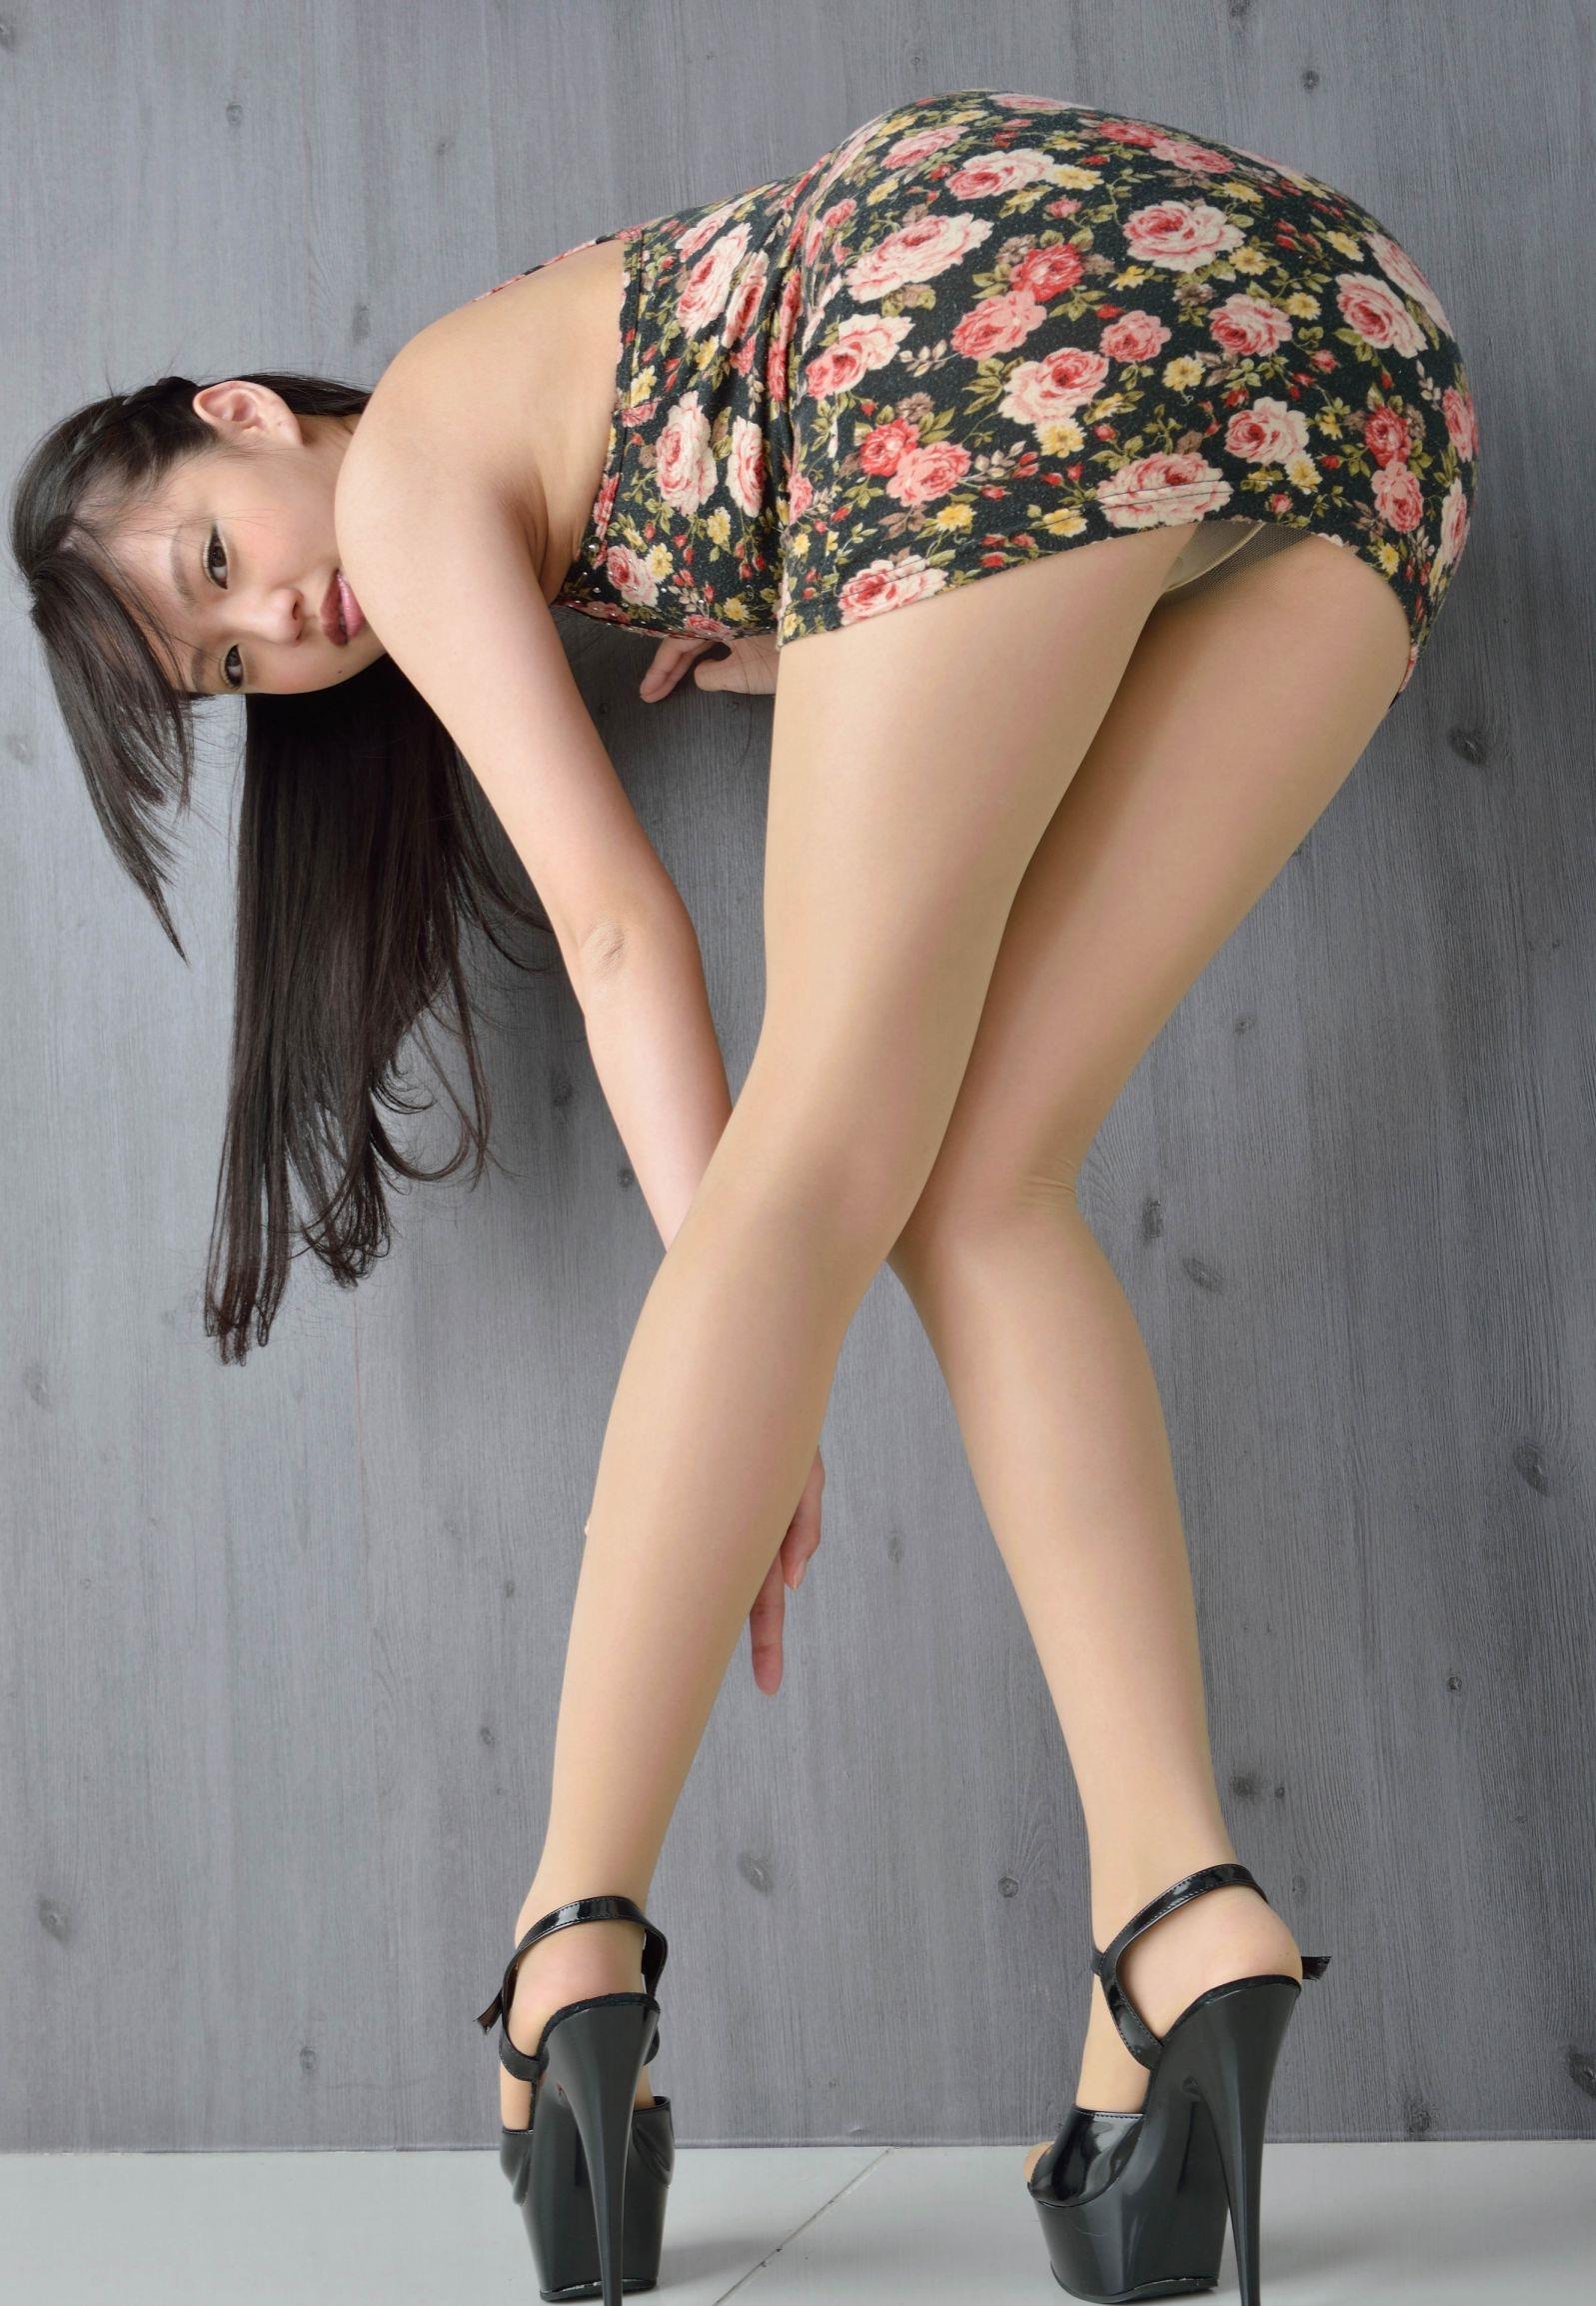 間宮夕貴 フェチ画像 11